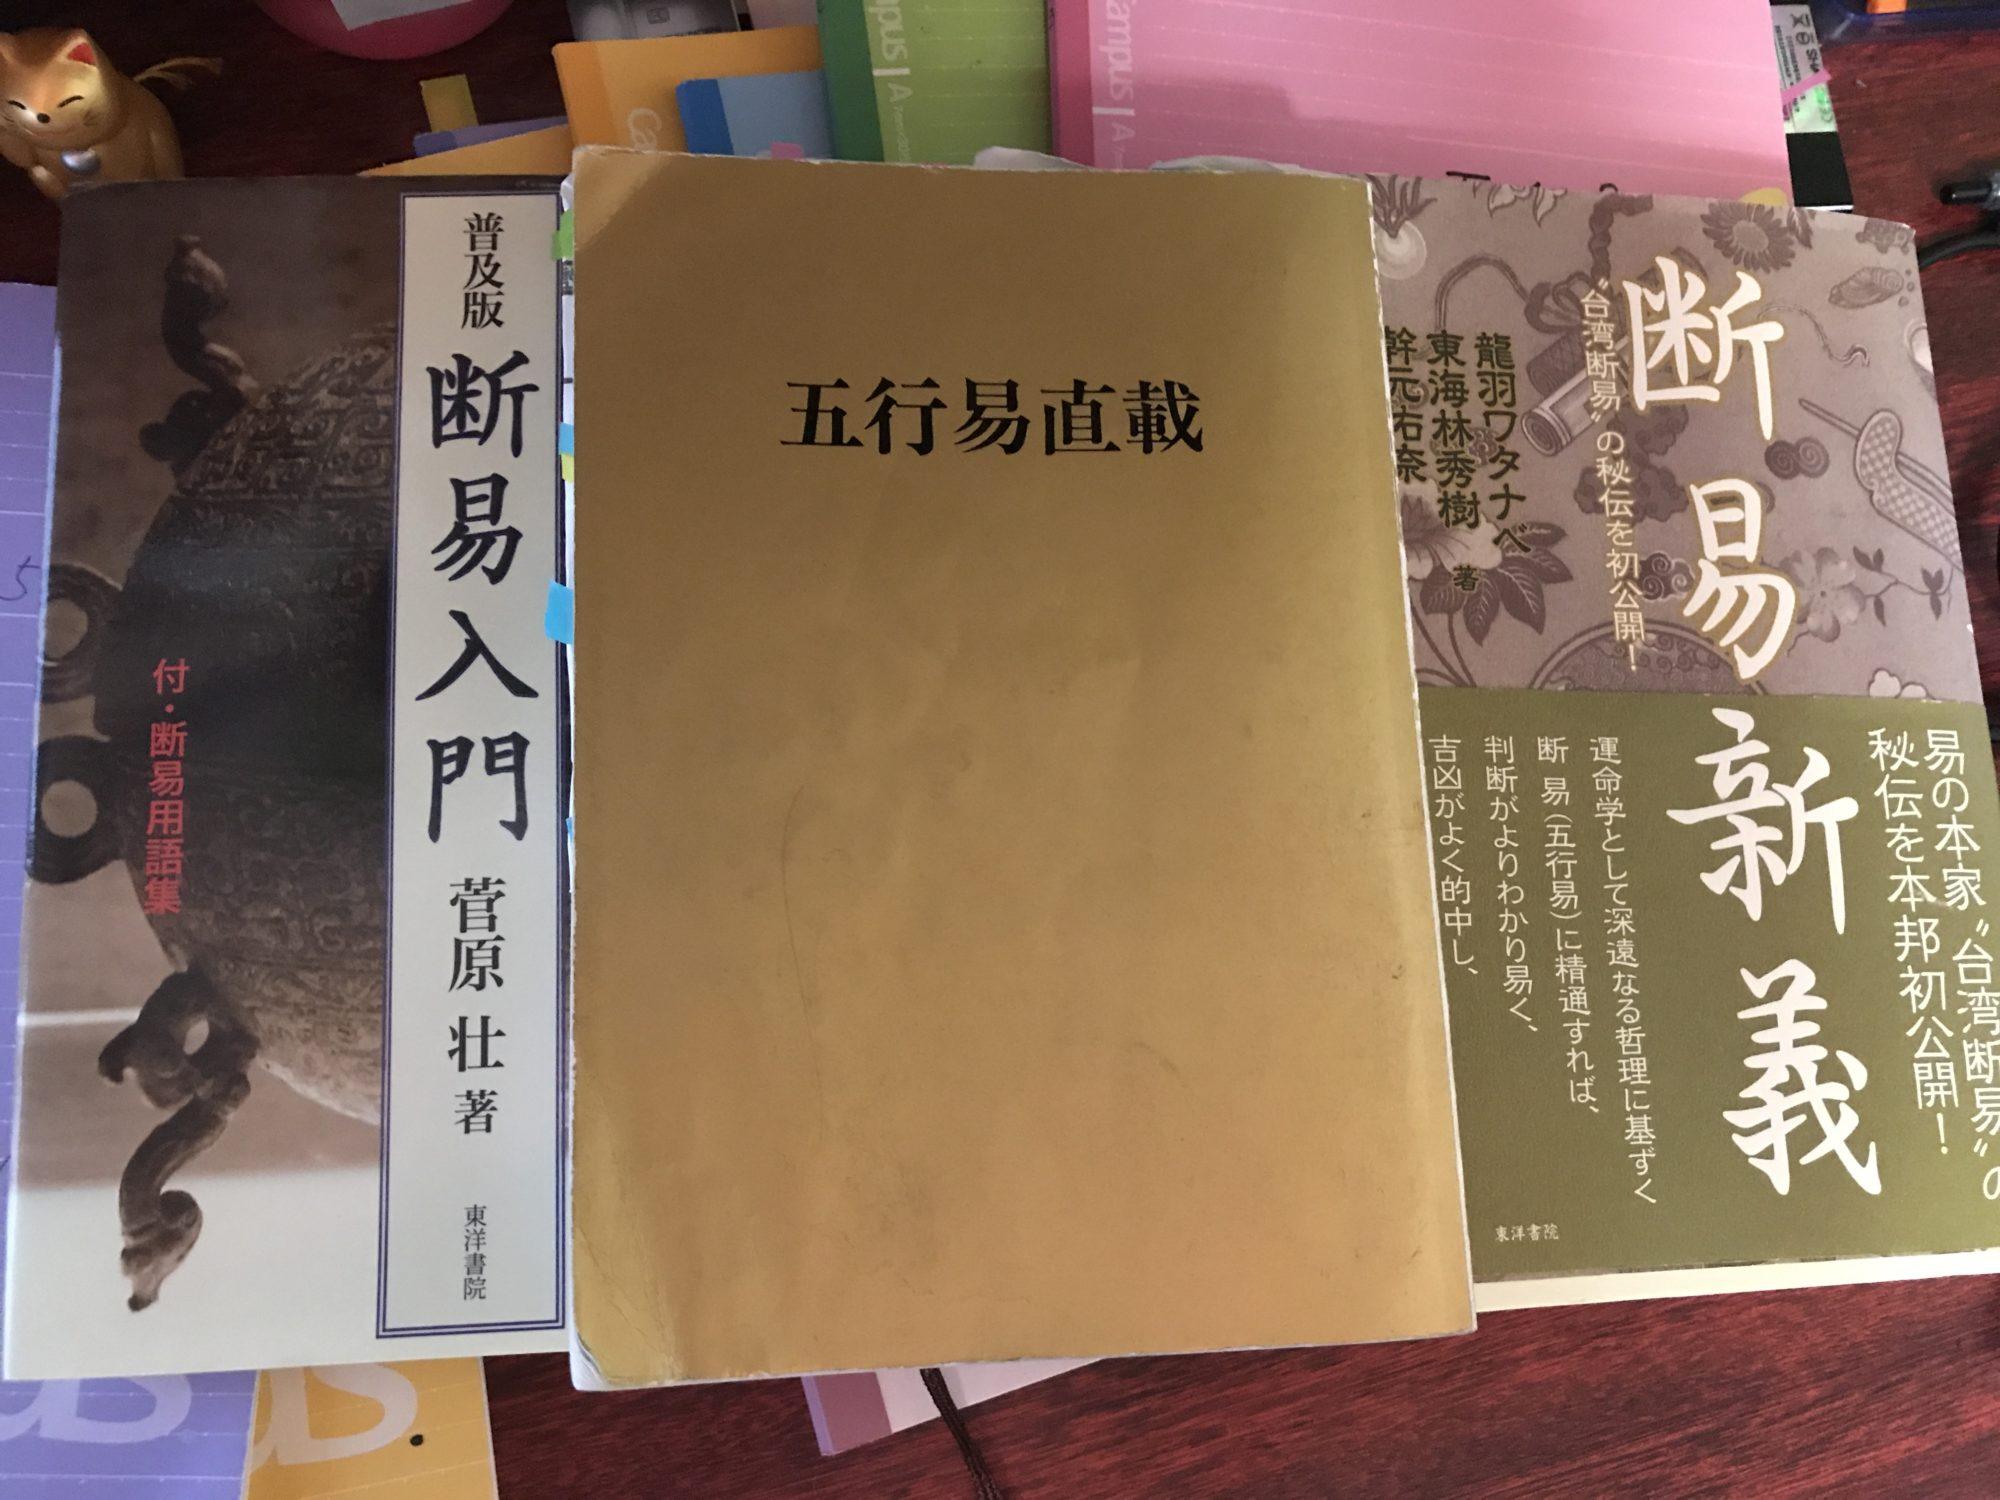 占いの本3冊